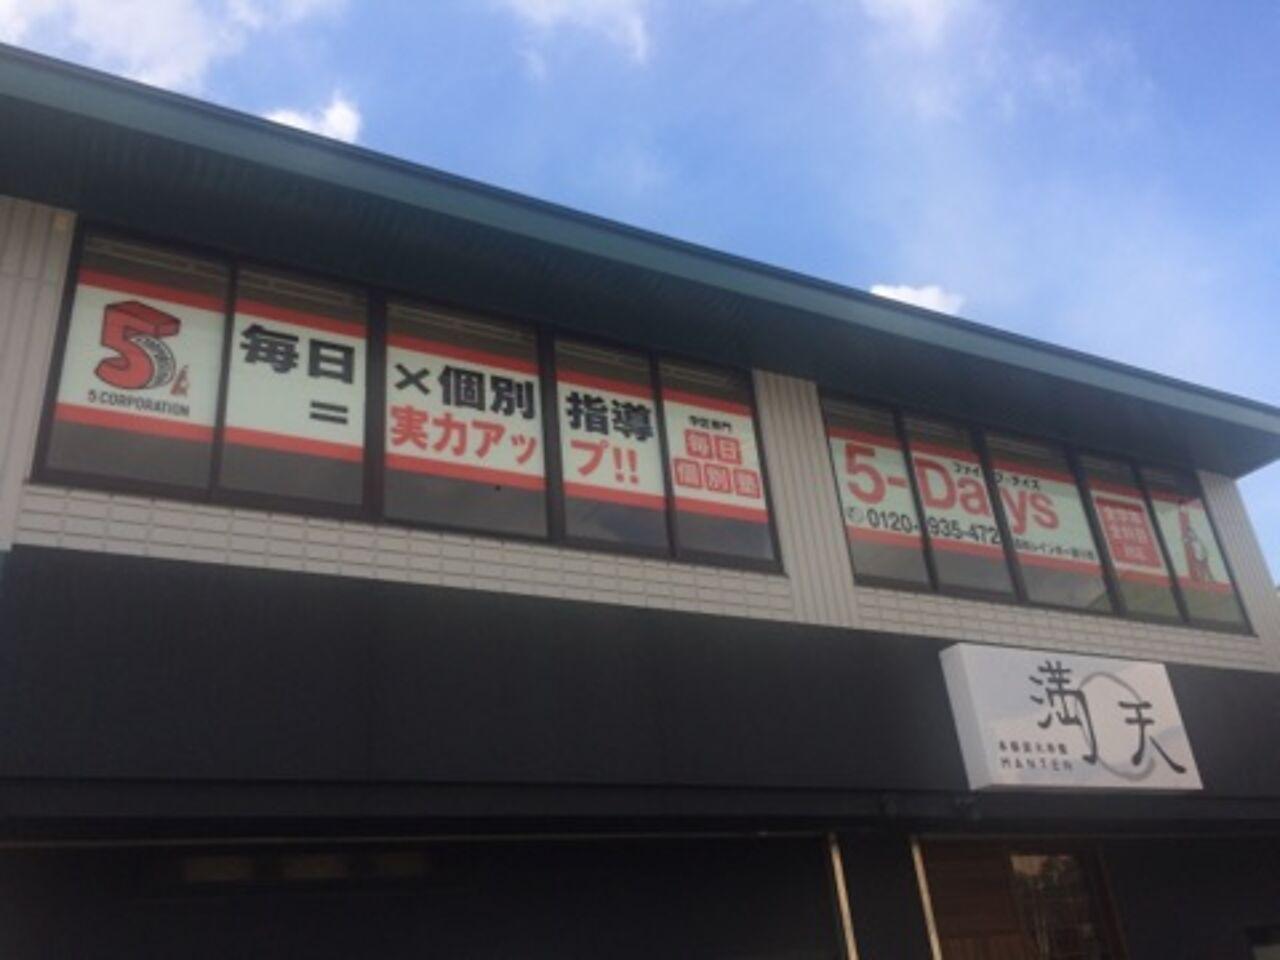 毎日個別塾5-Days高松レインボー通り校の画像